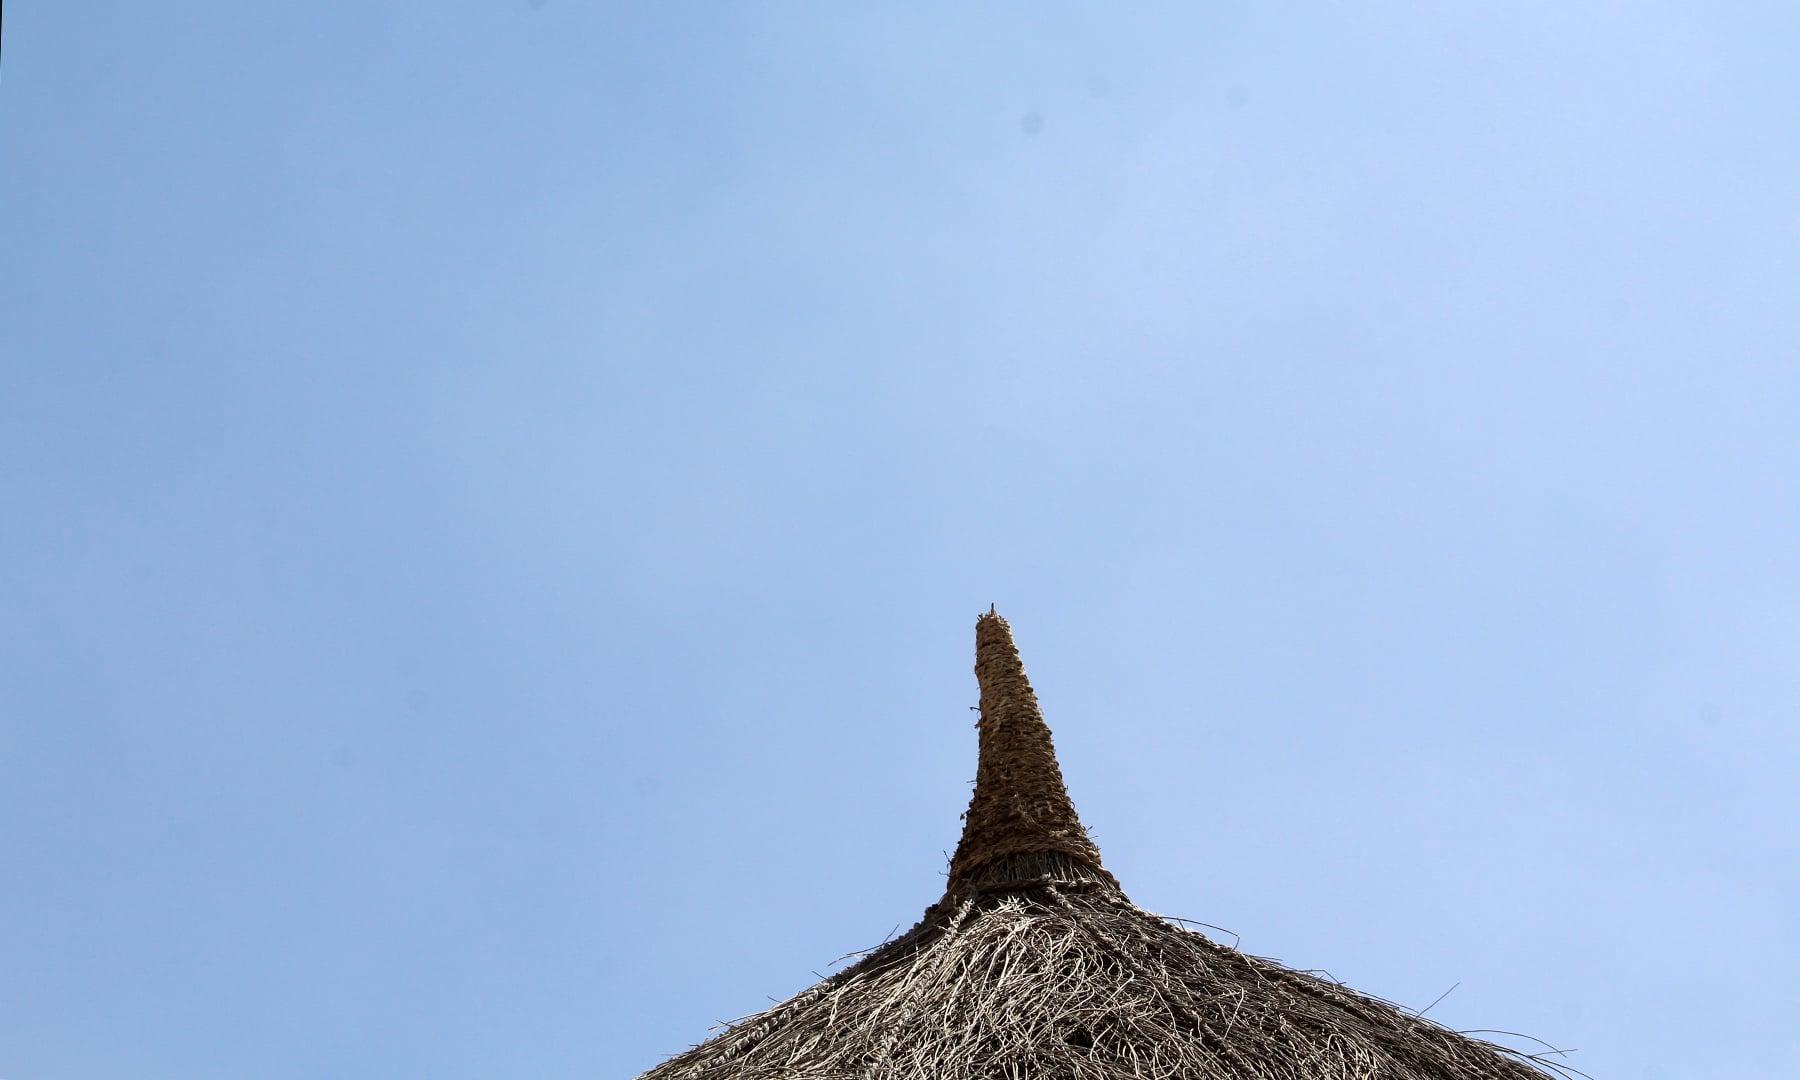 چوئنرے کے اوپر چونچ  نظر آرہی ہے جو کہ ہندؤوں کے چونرے کی ایک مخصوص علامت ہے۔— فوٹو اختر حفیظ۔